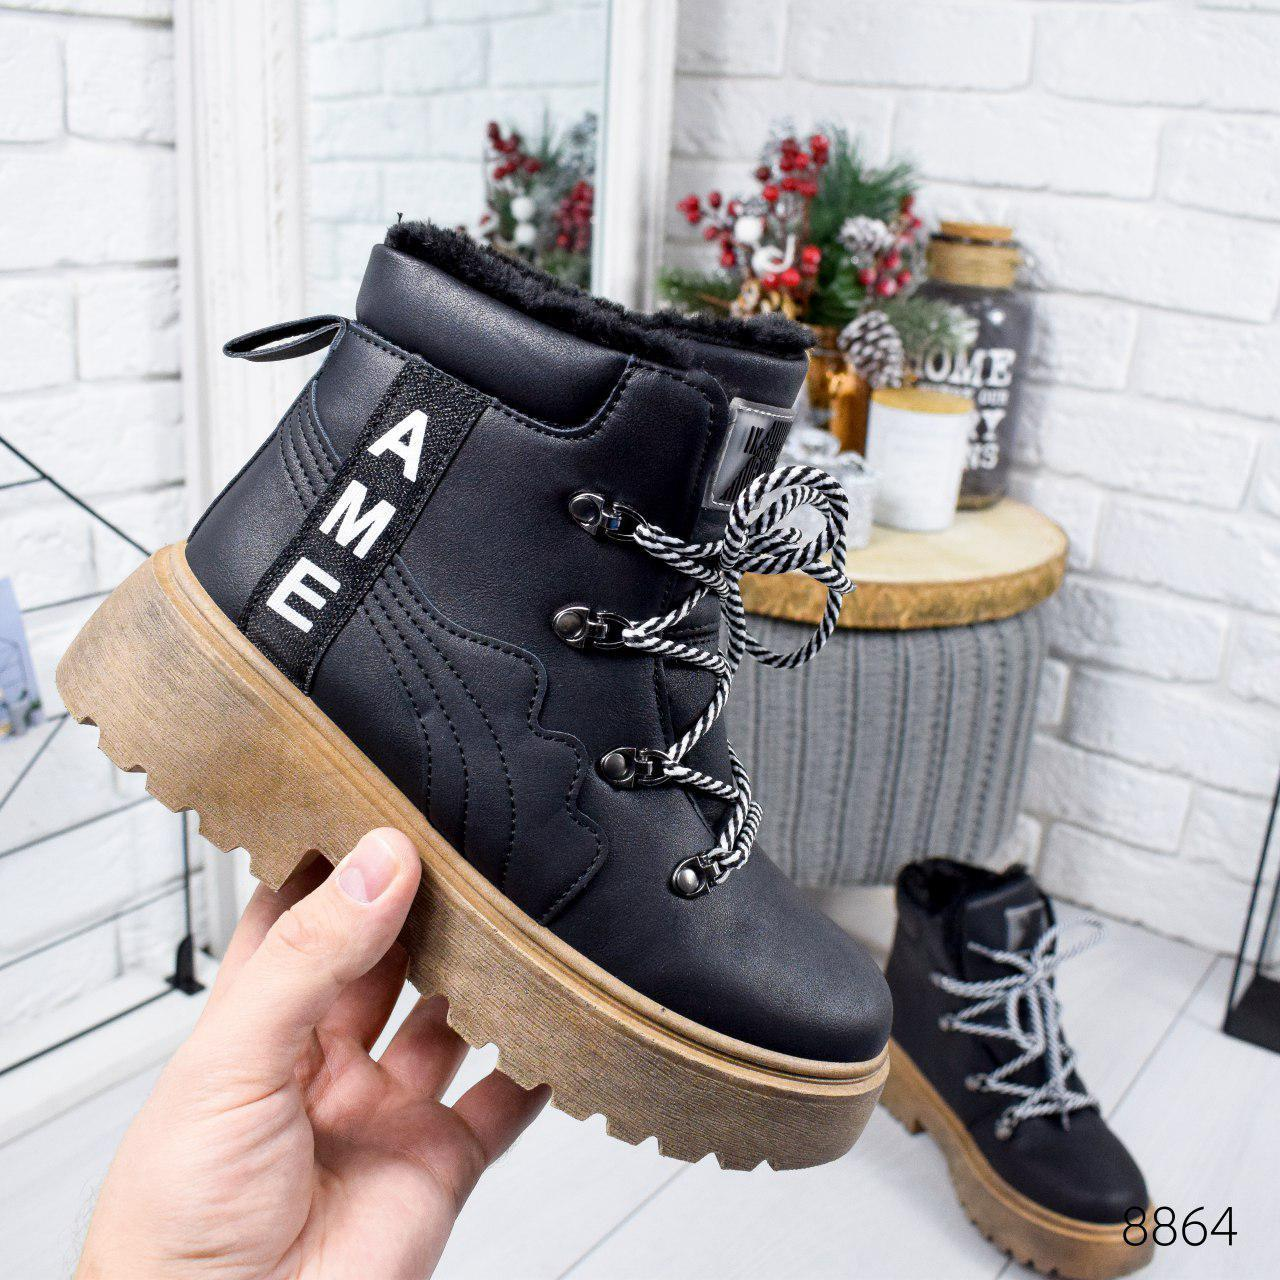 """Ботинки женские зимние, черного цвета из эко нубука """"8864"""". Черевики жіночі. Ботинки теплые"""